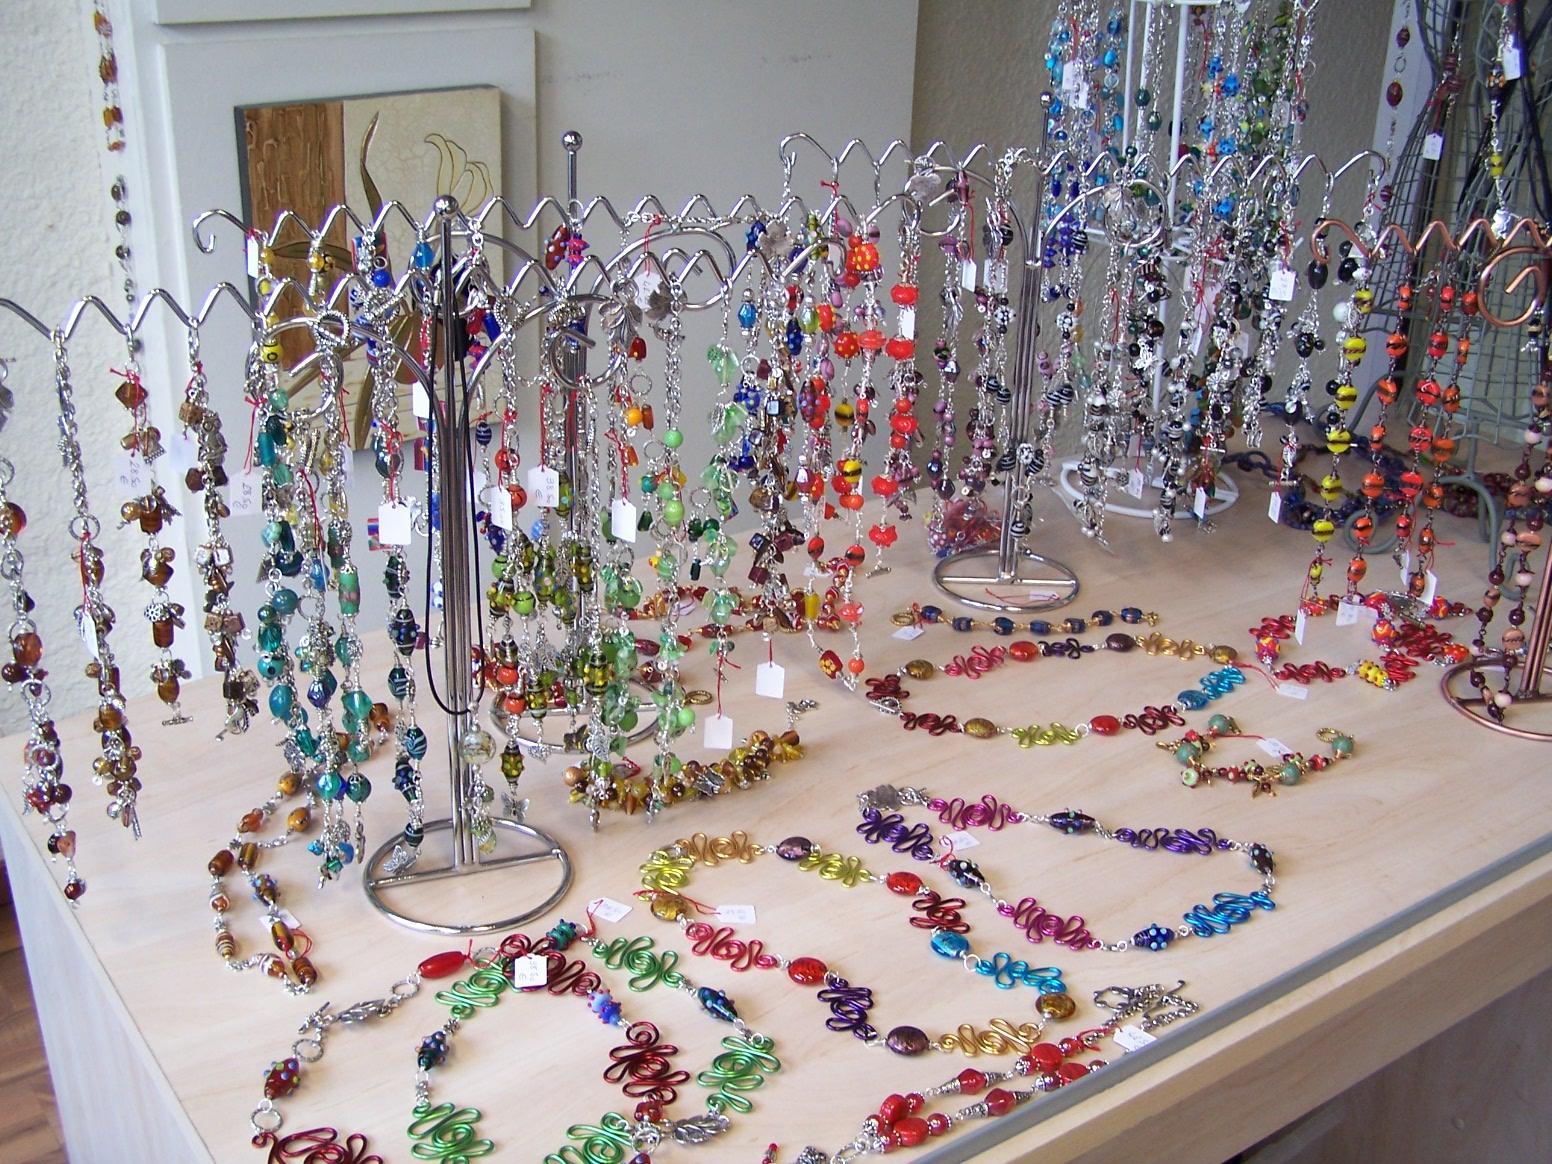 Creation Bijoux Fantaisie : Cr?ation de bijoux fantaisie au r?fectoire l ?cole